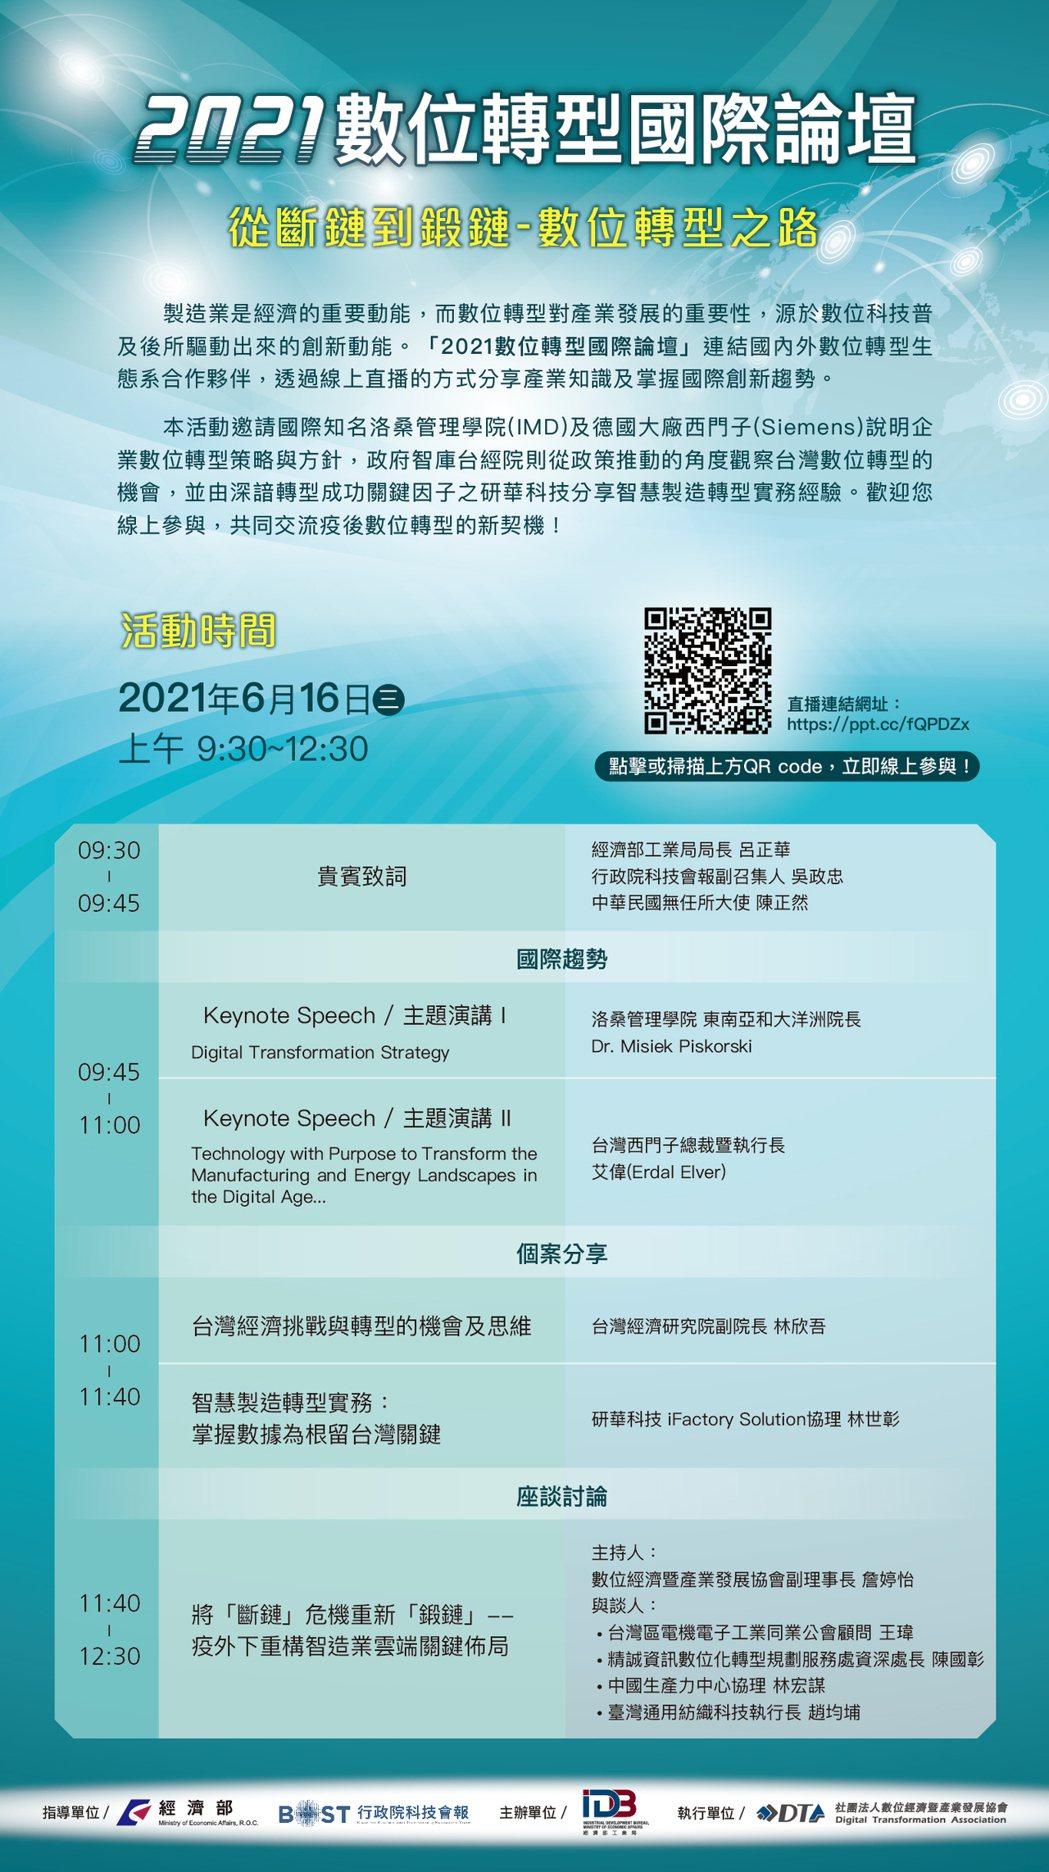 2021數位轉型國際論壇議程。 主辦單位/提供